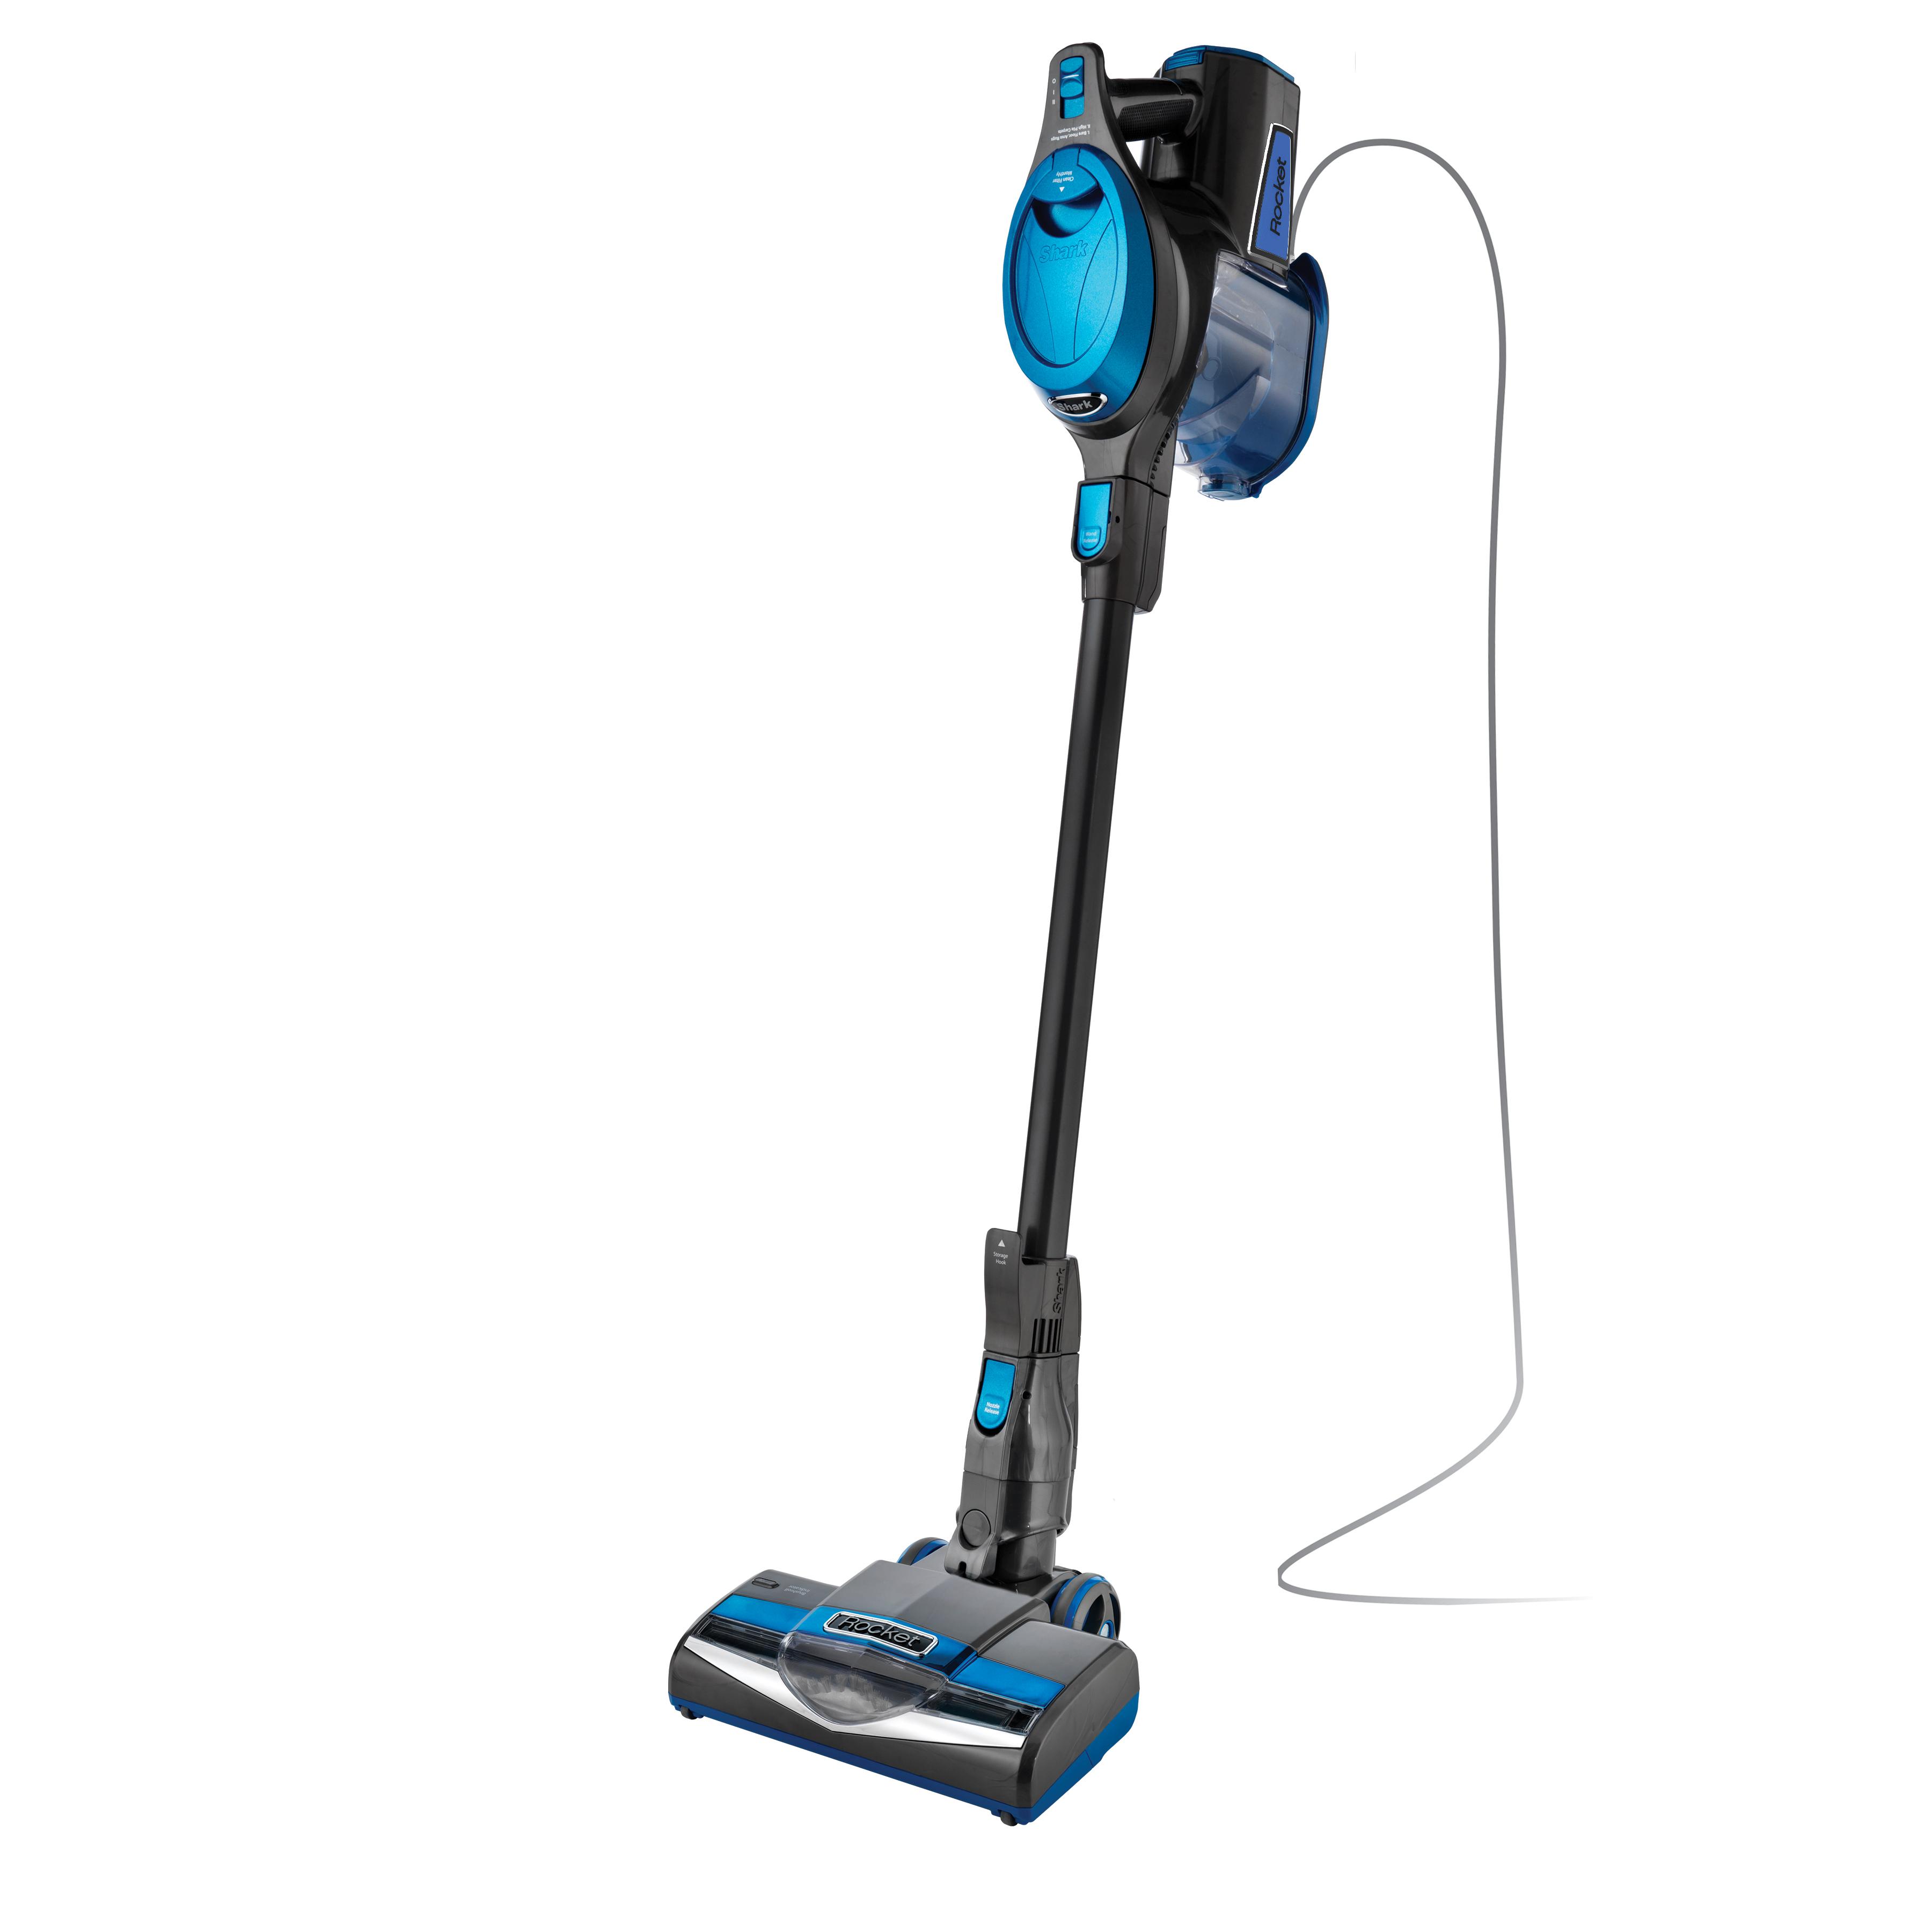 Shark® Rocket® Corded Stick Vacuum HV300 Blue color $128.99